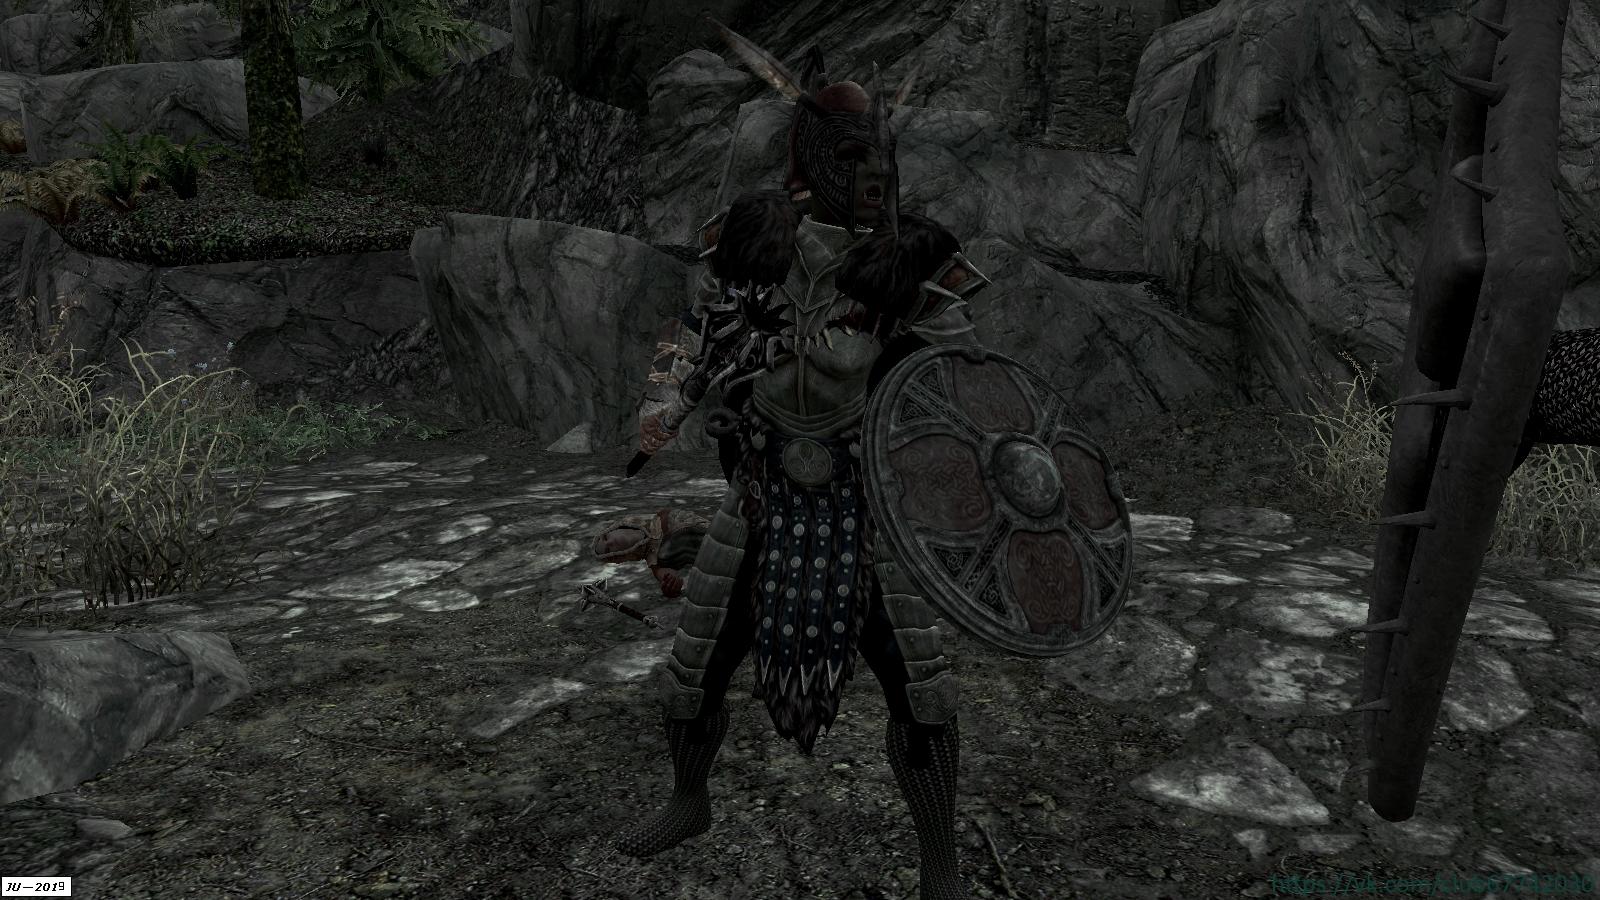 """Из серии """"Разбойники Скайрима"""". - Elder Scrolls 5: Skyrim, the бандит, разбойник"""